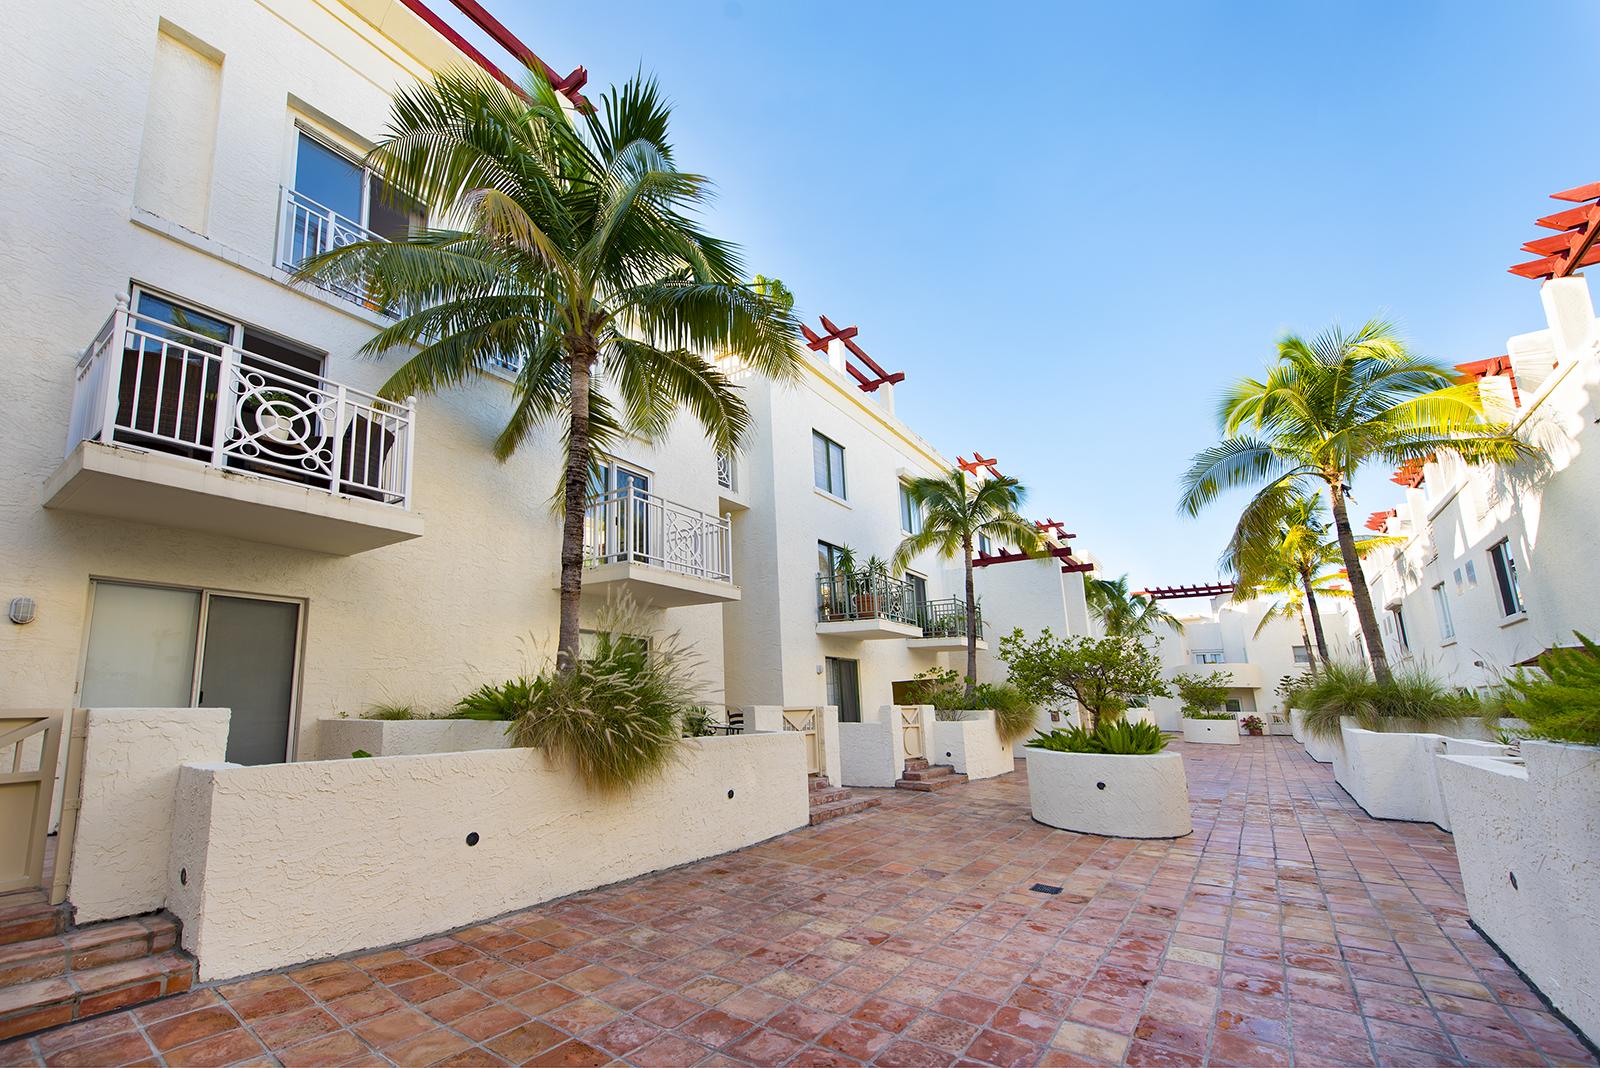 Villas at South Beach #222-18.jpg